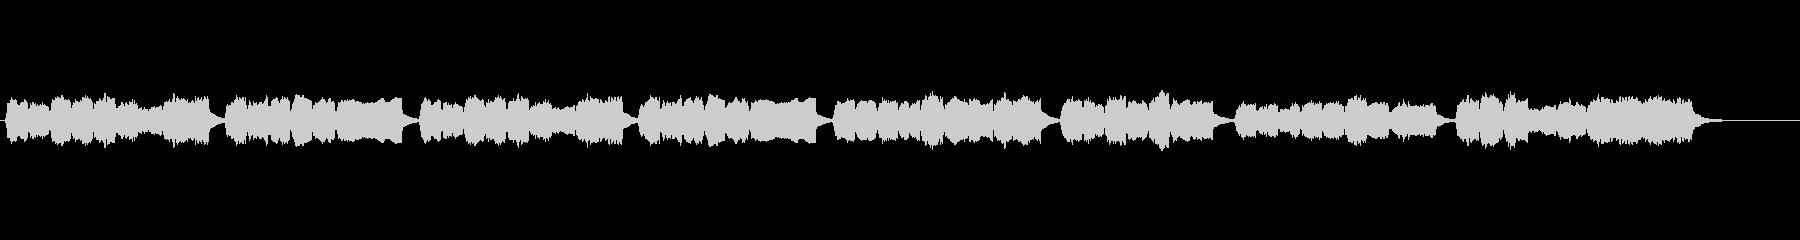 バッハのコラールをパイプオルガンの音色での未再生の波形